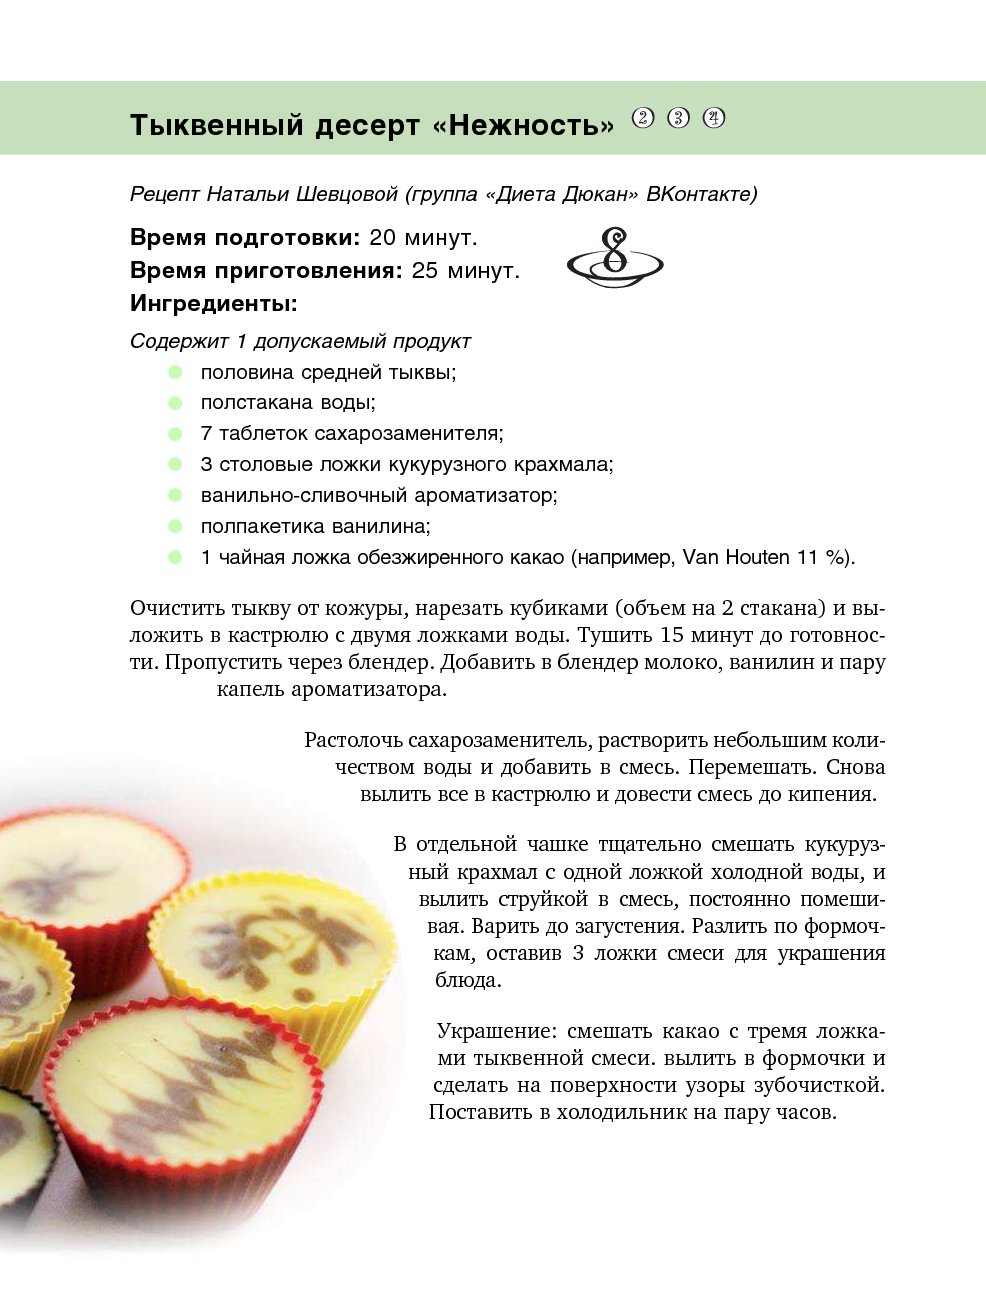 Рецепты для диеты дюкана новые